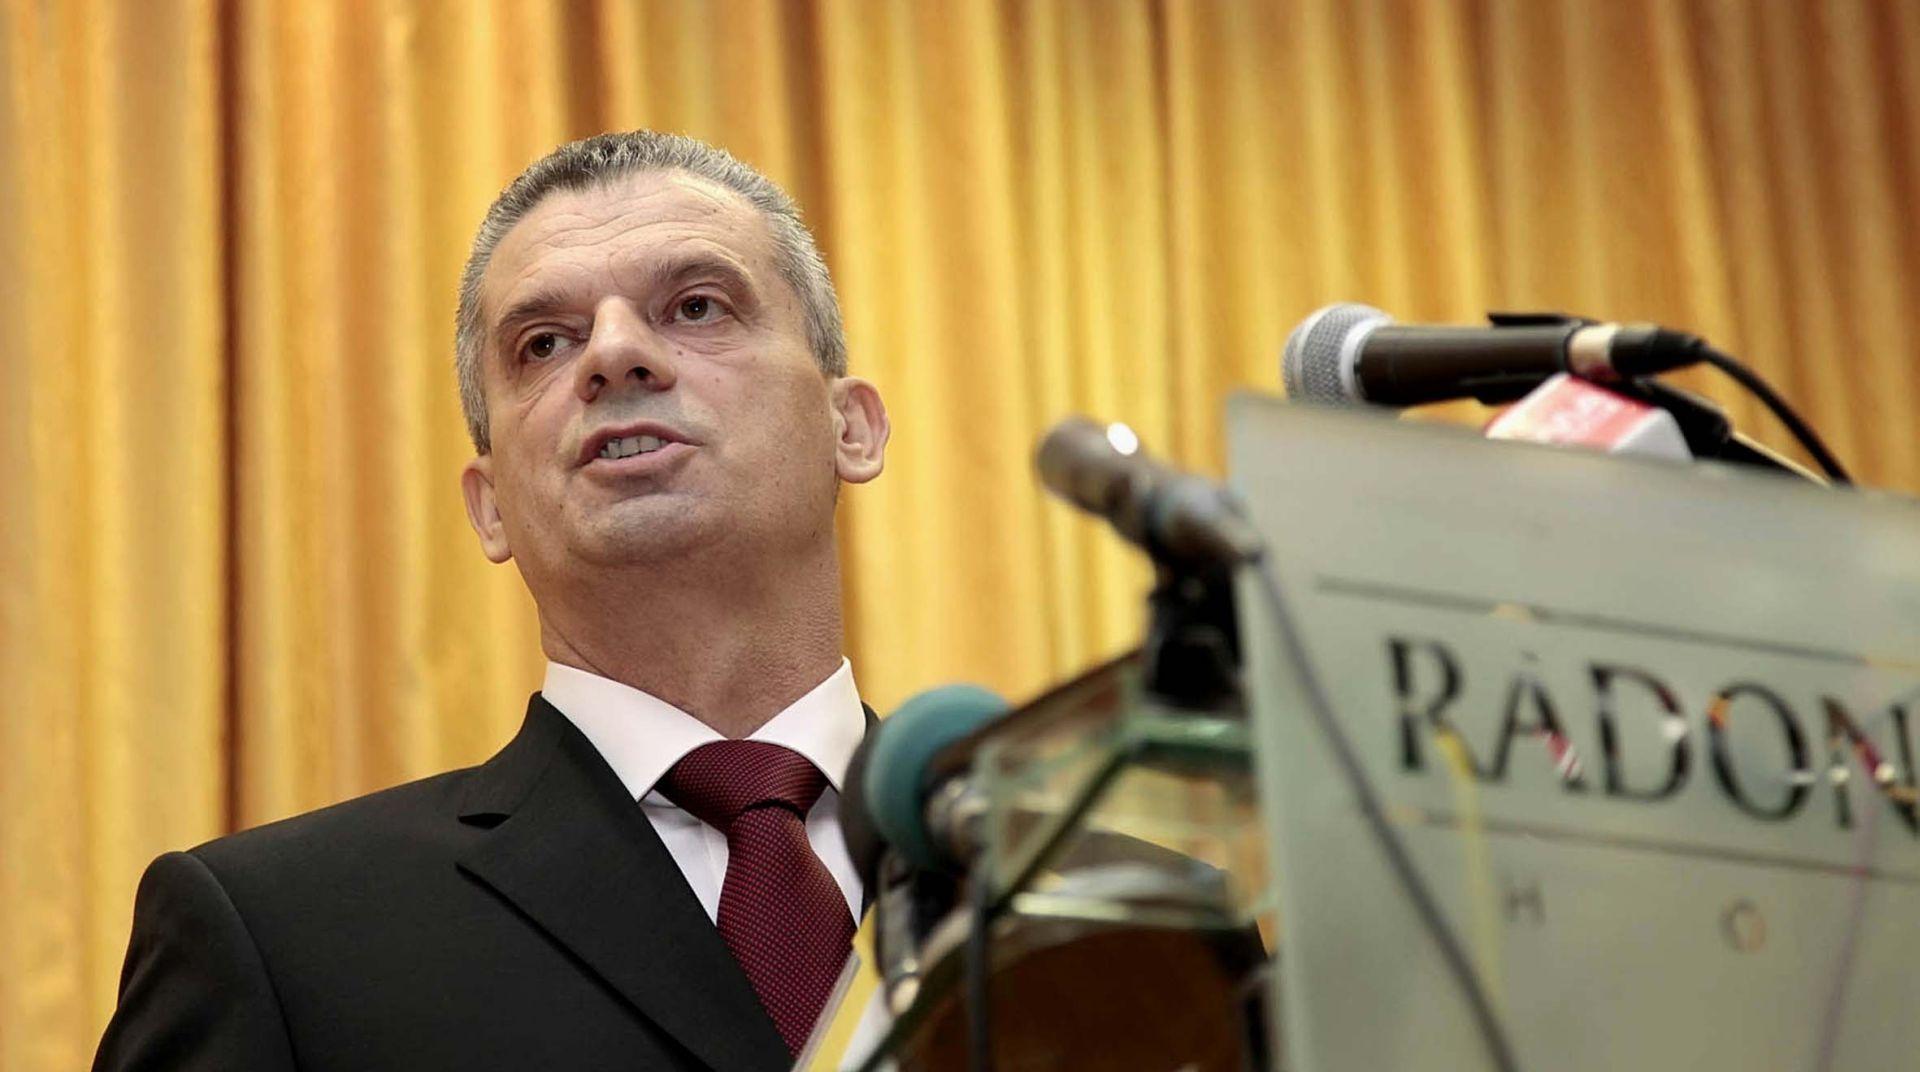 FAHRUDIN RADONČIĆ 'Ja sam bosanski Donald Trump'